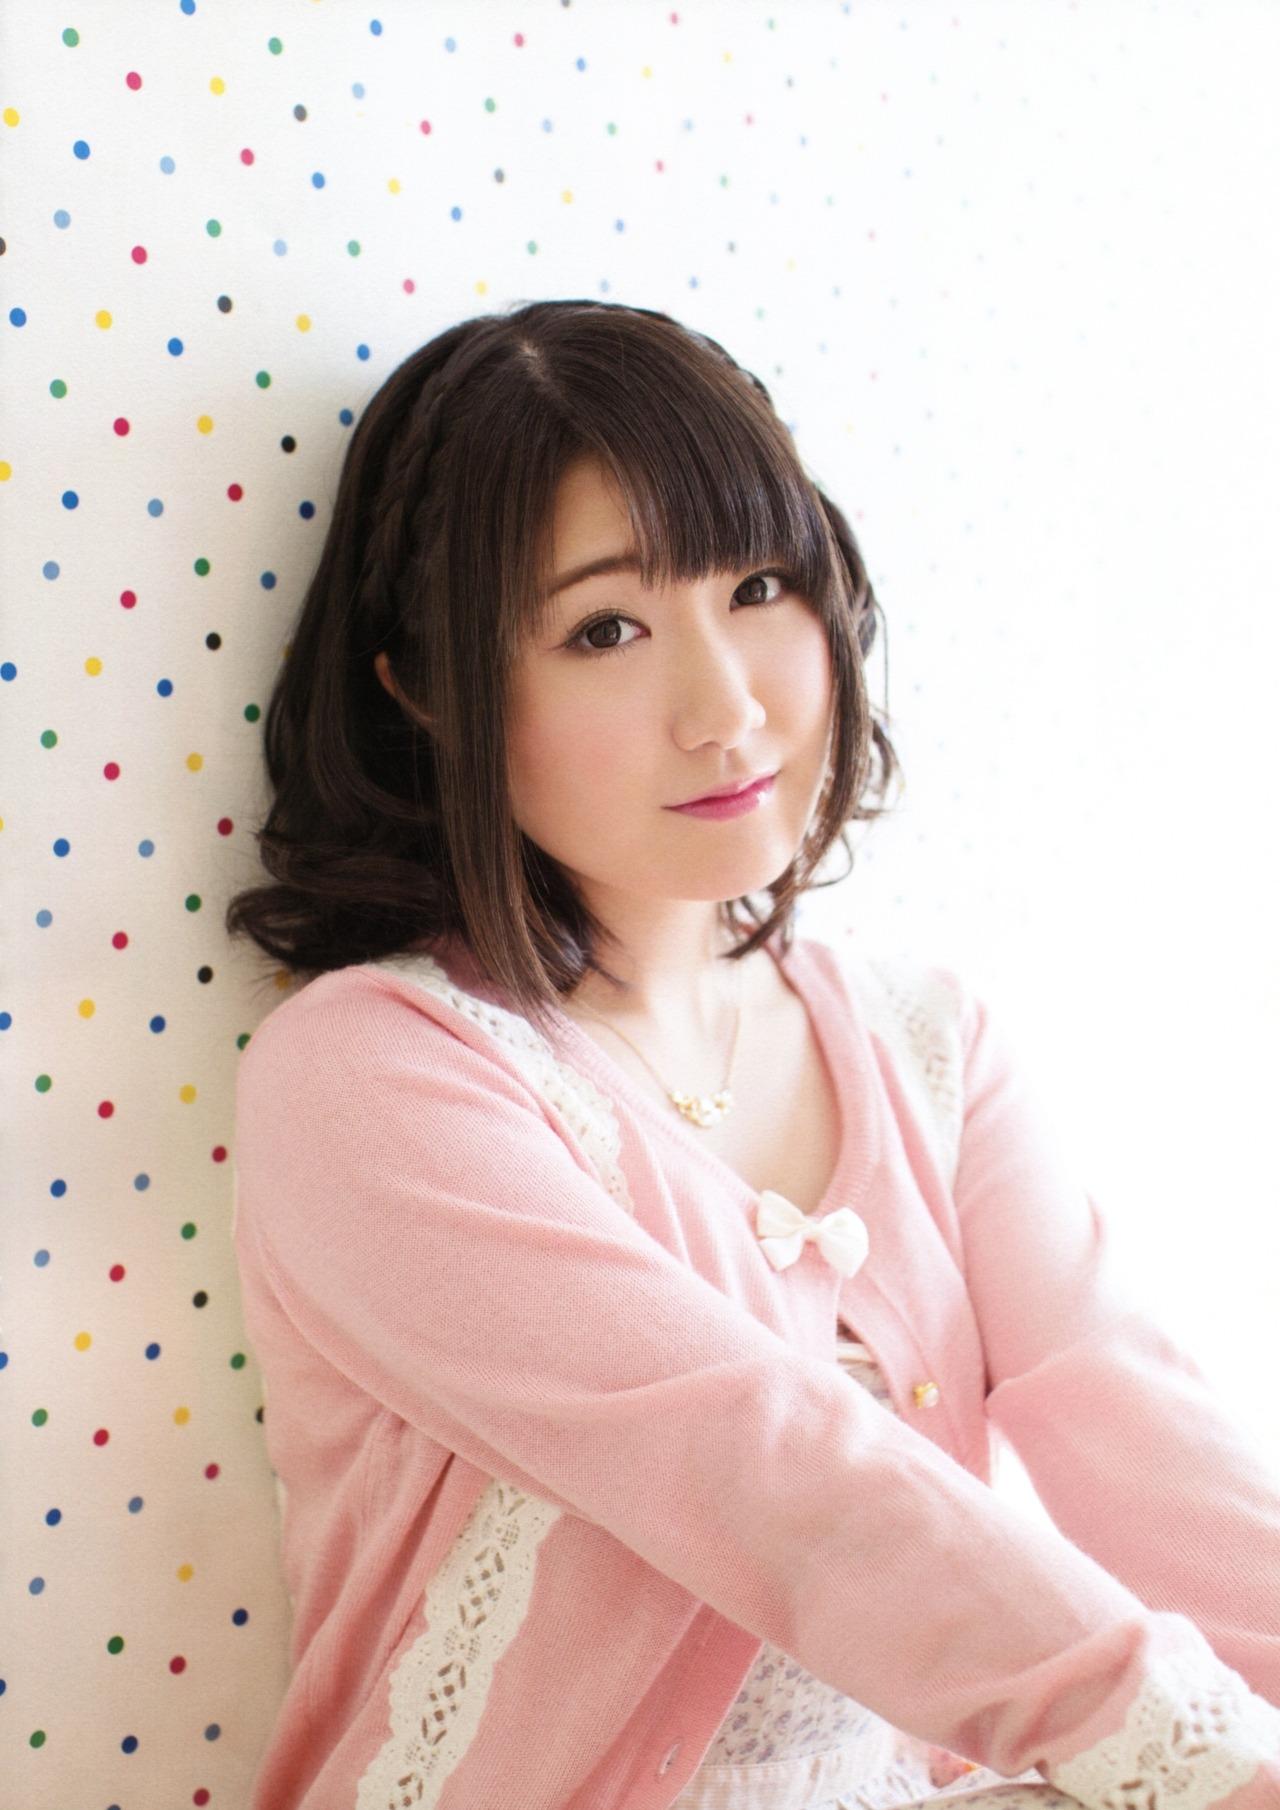 hidaka_rina014.jpg